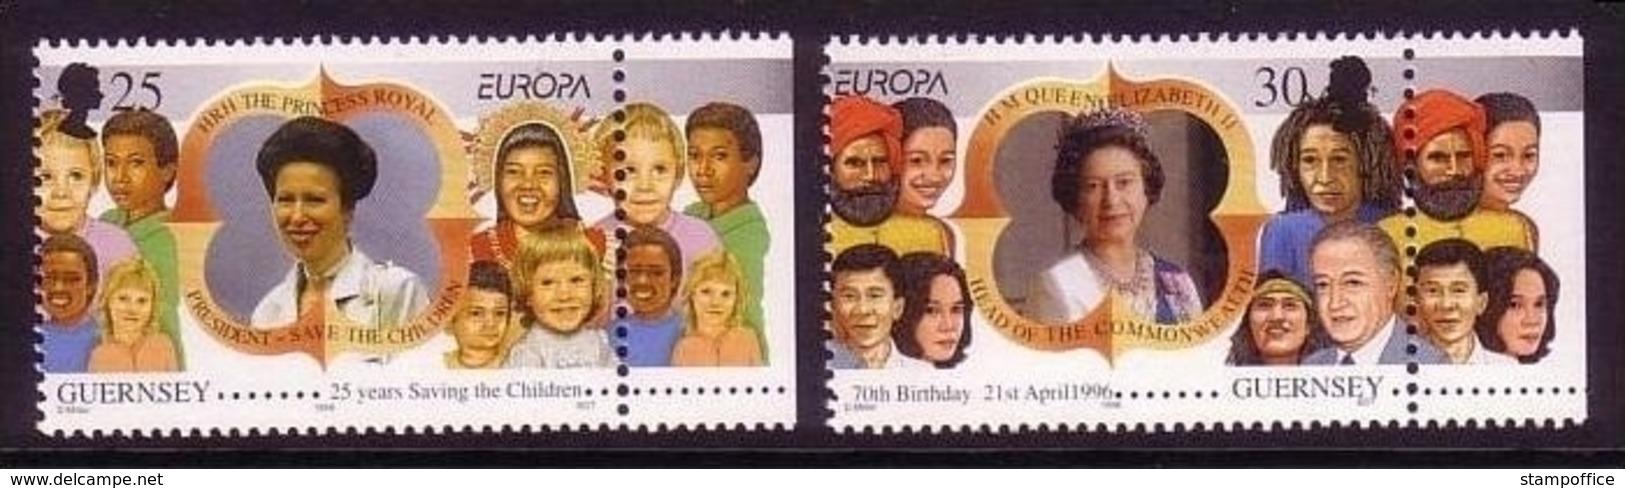 GUERNSEY MI-NR. 691-692 ** ZIERFELD RECHTS EUROPA 1996 - BERÜHMTE FRAUEN - Guernsey